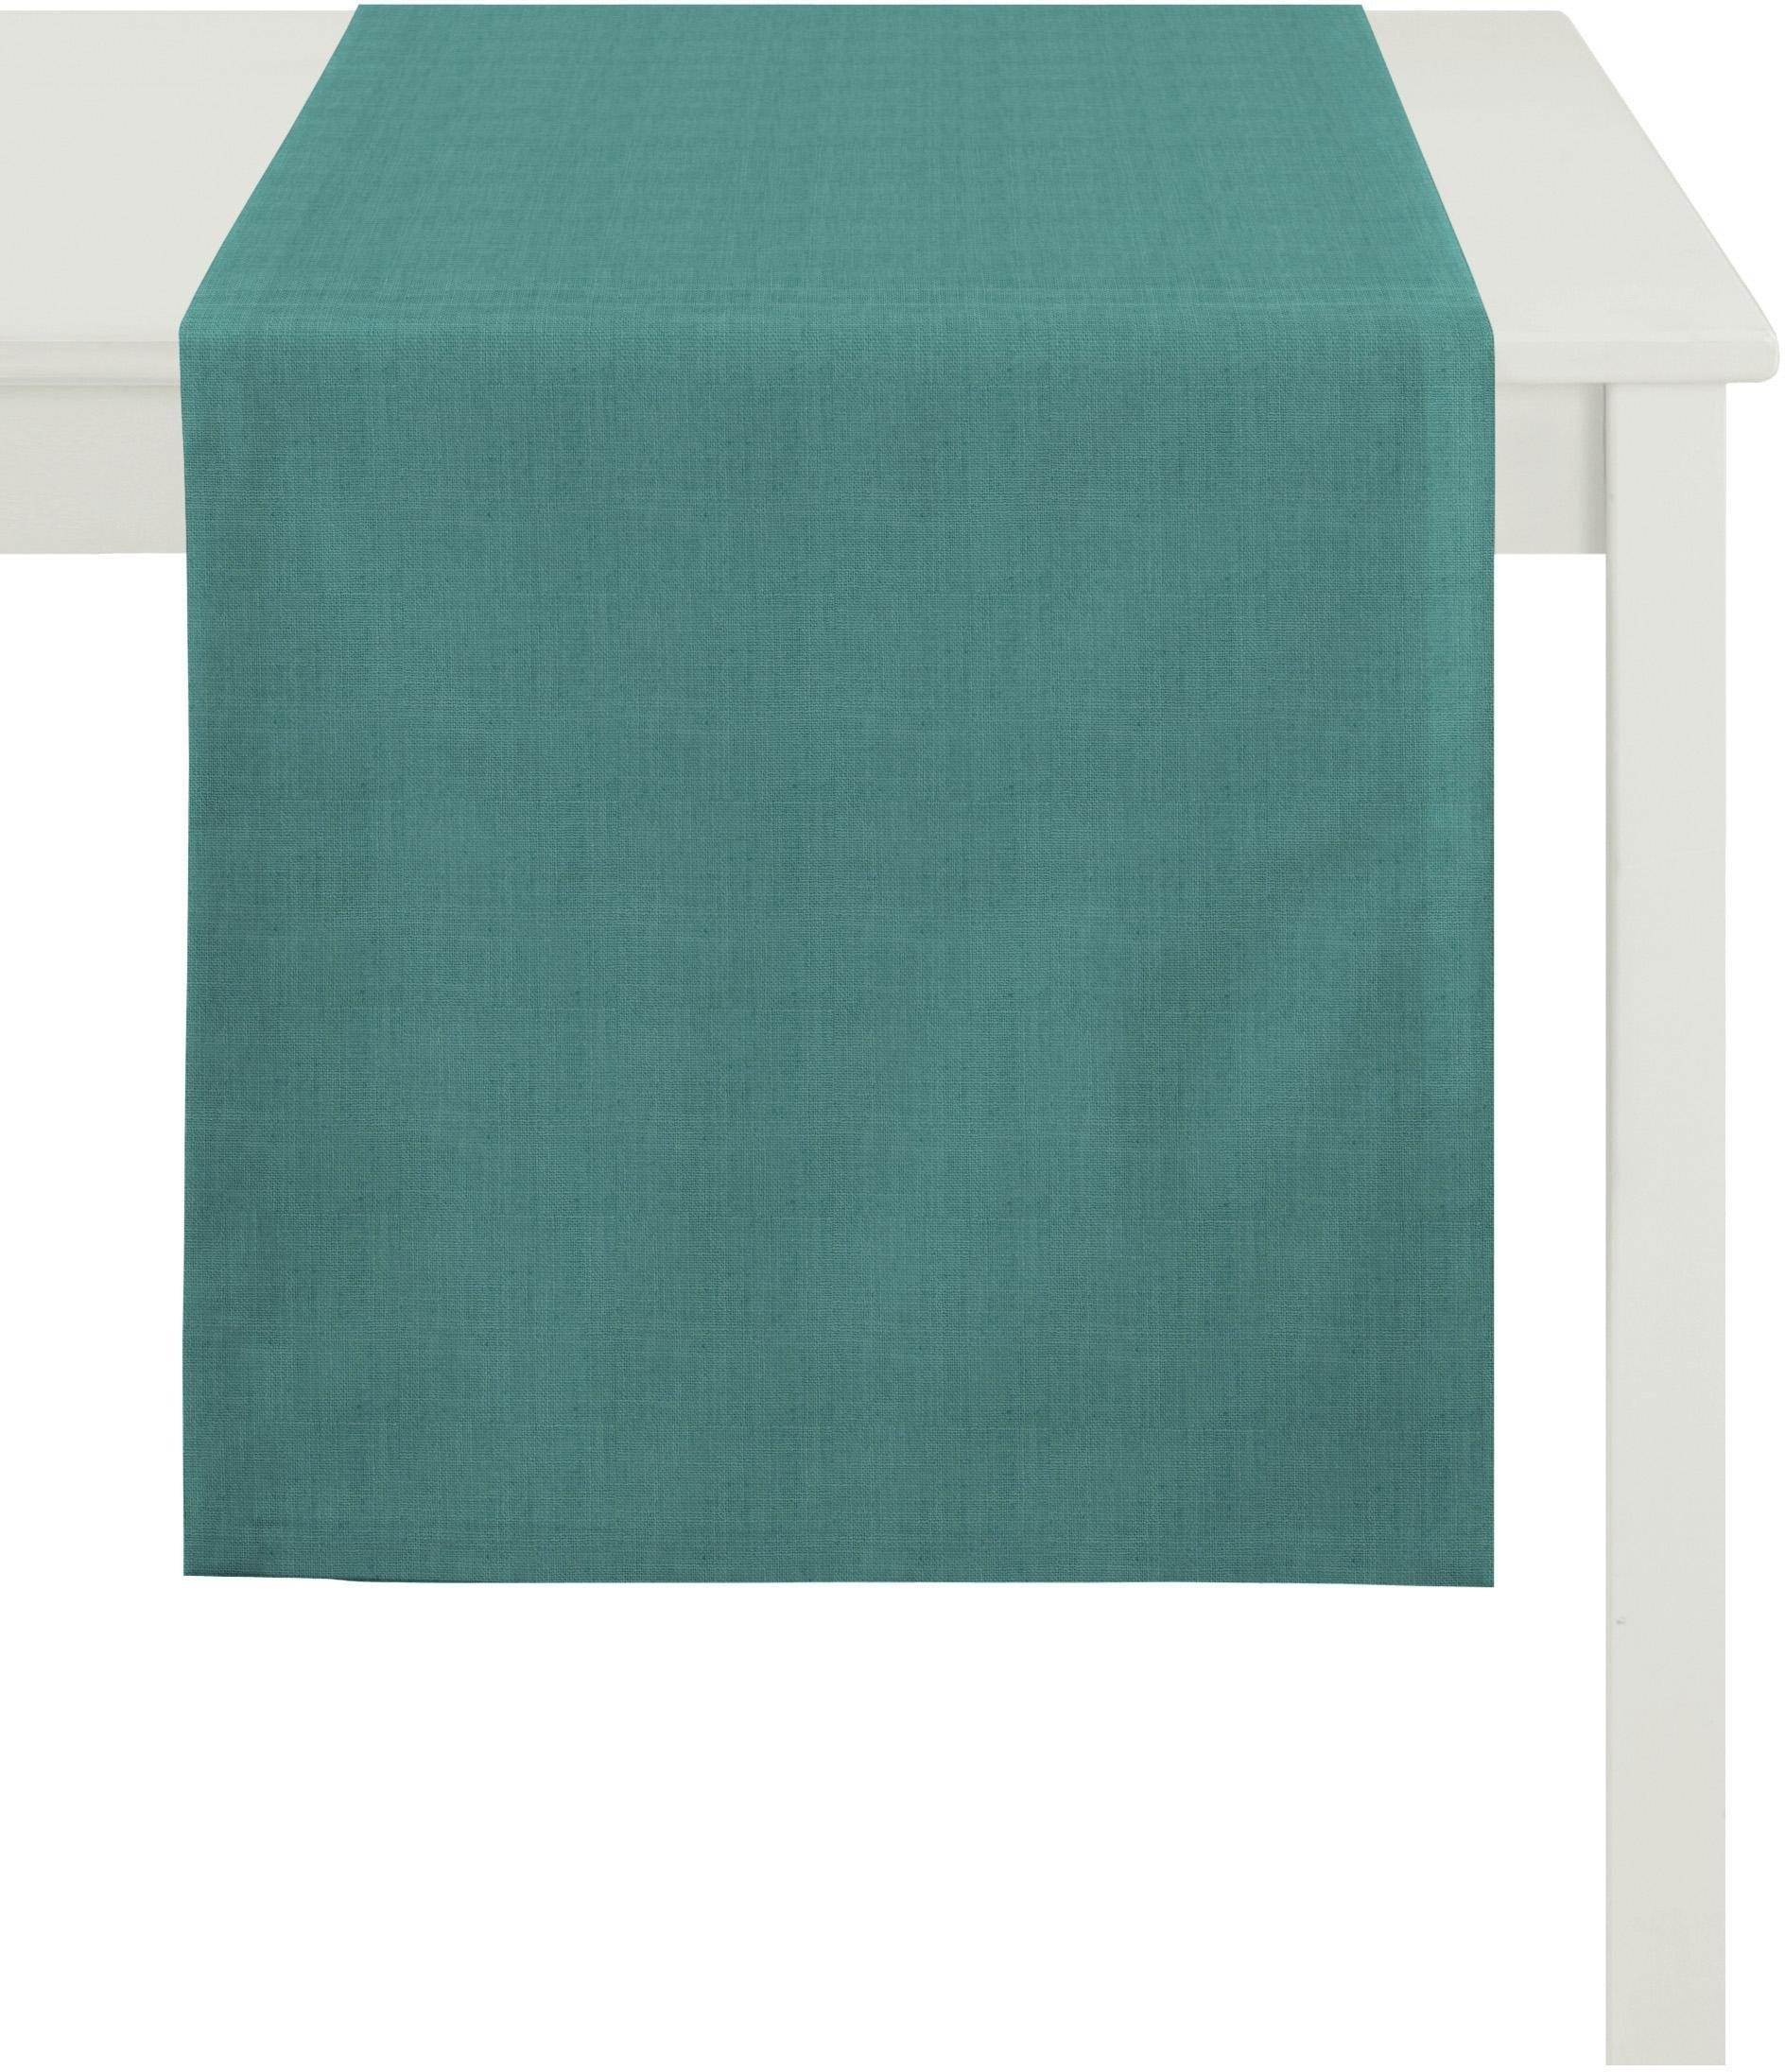 APELT tafelloper Arizona, Uni-Basic linnen-look (1 stuk) - gratis ruilen op otto.nl